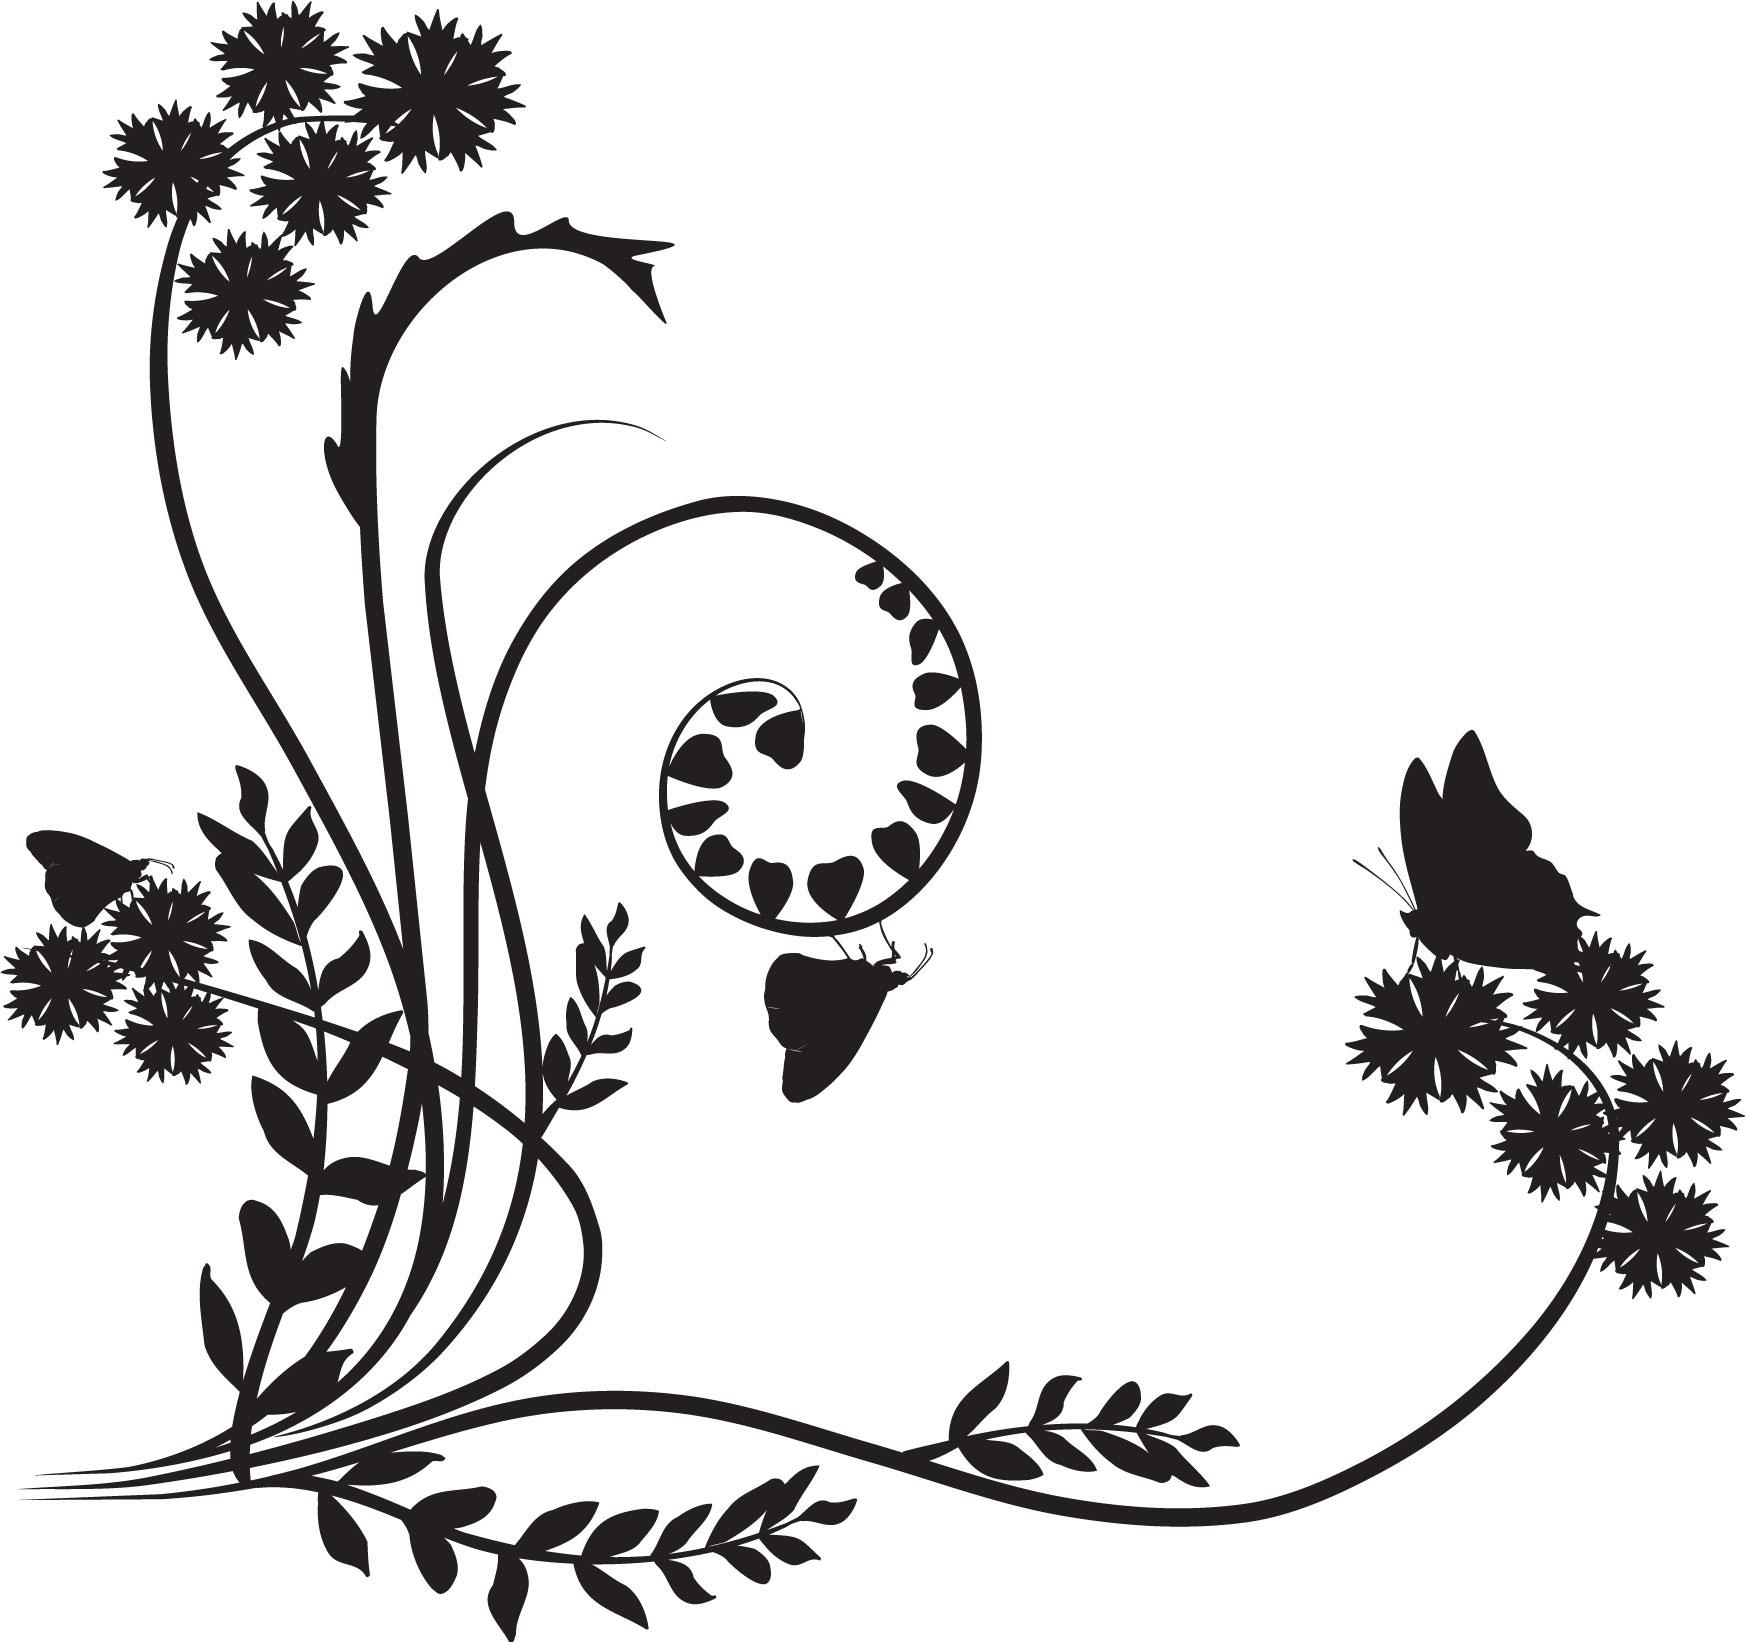 ポップでかわいい花のイラストフリー素材no1184白黒蝶茎葉